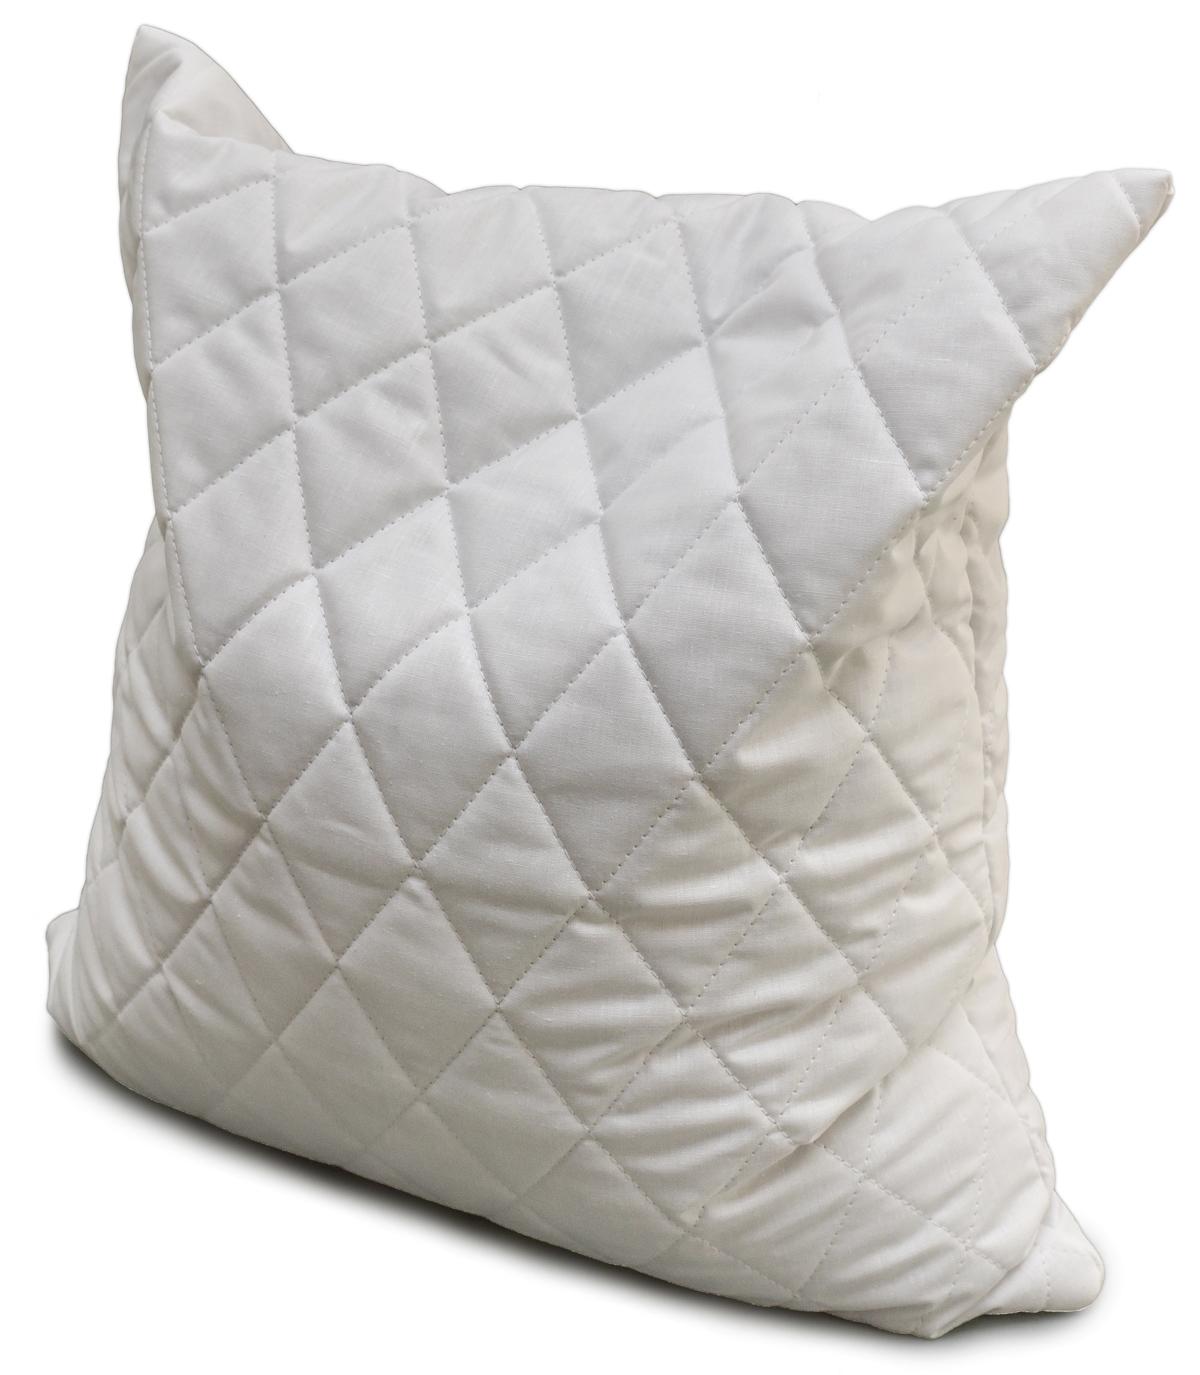 hirsekissen bio hirsekissen f llung und stoff aus bio anbau giraffenland. Black Bedroom Furniture Sets. Home Design Ideas